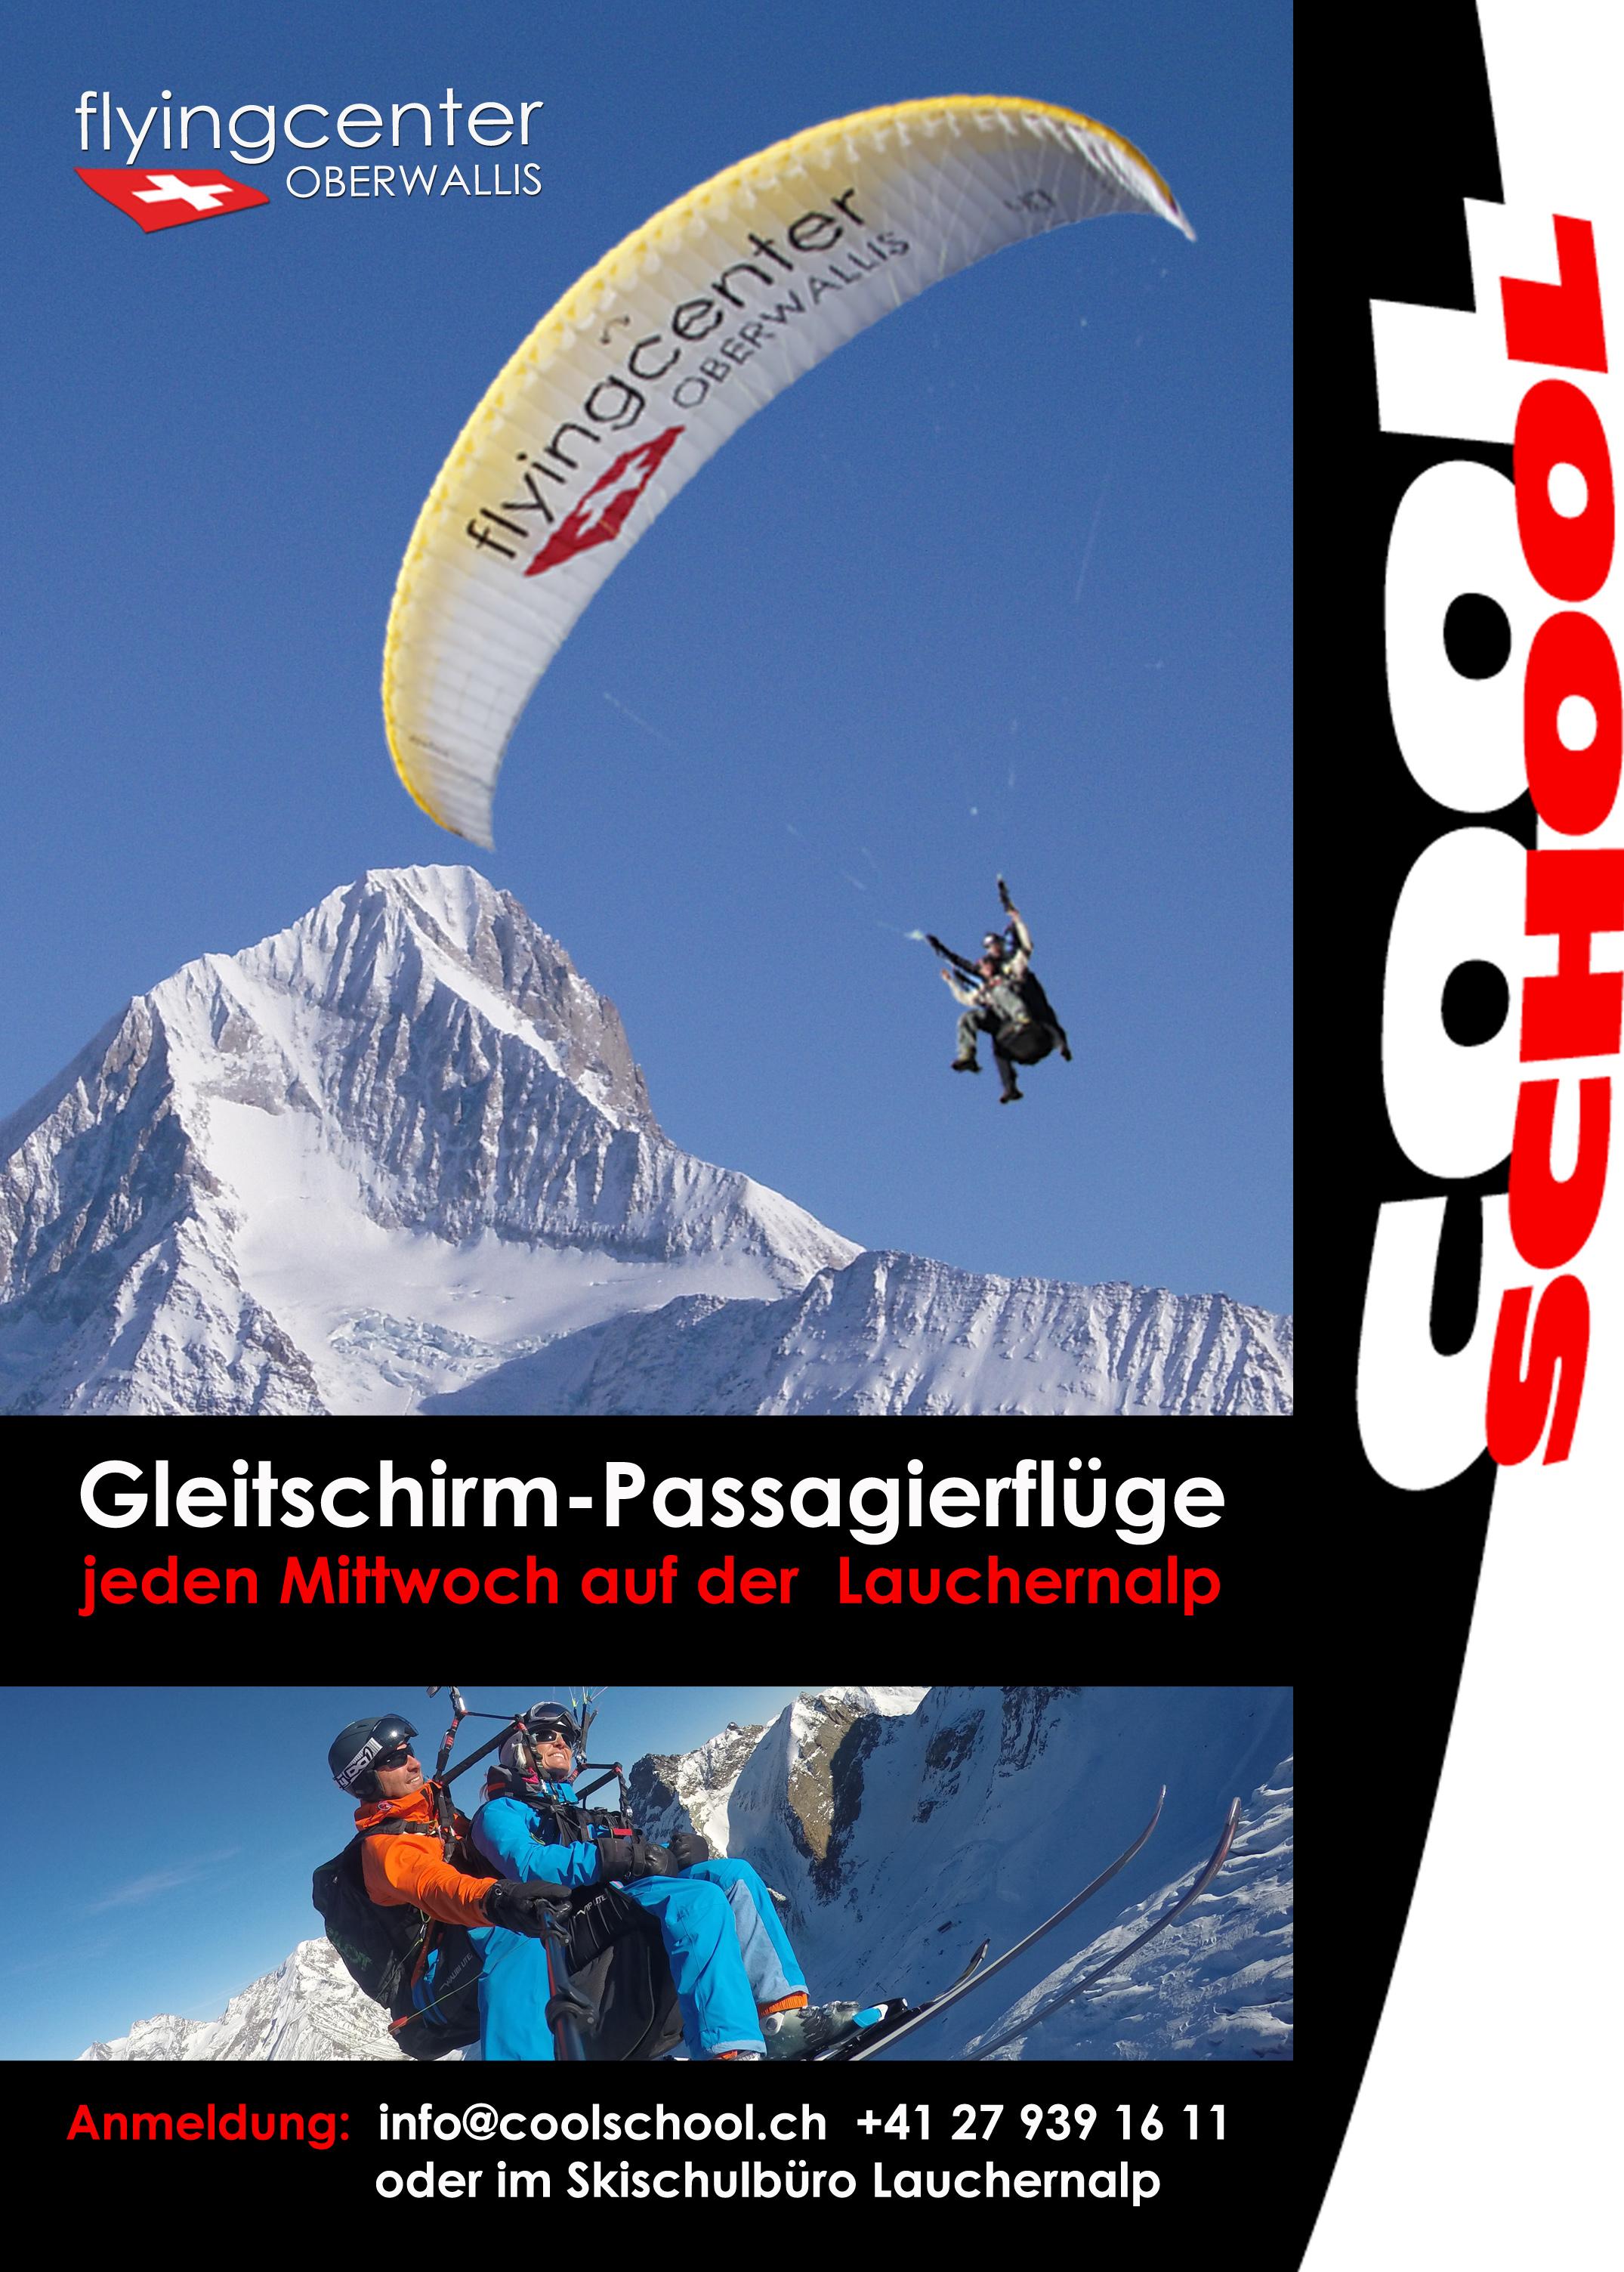 Gleitschirm-Passagierflüge